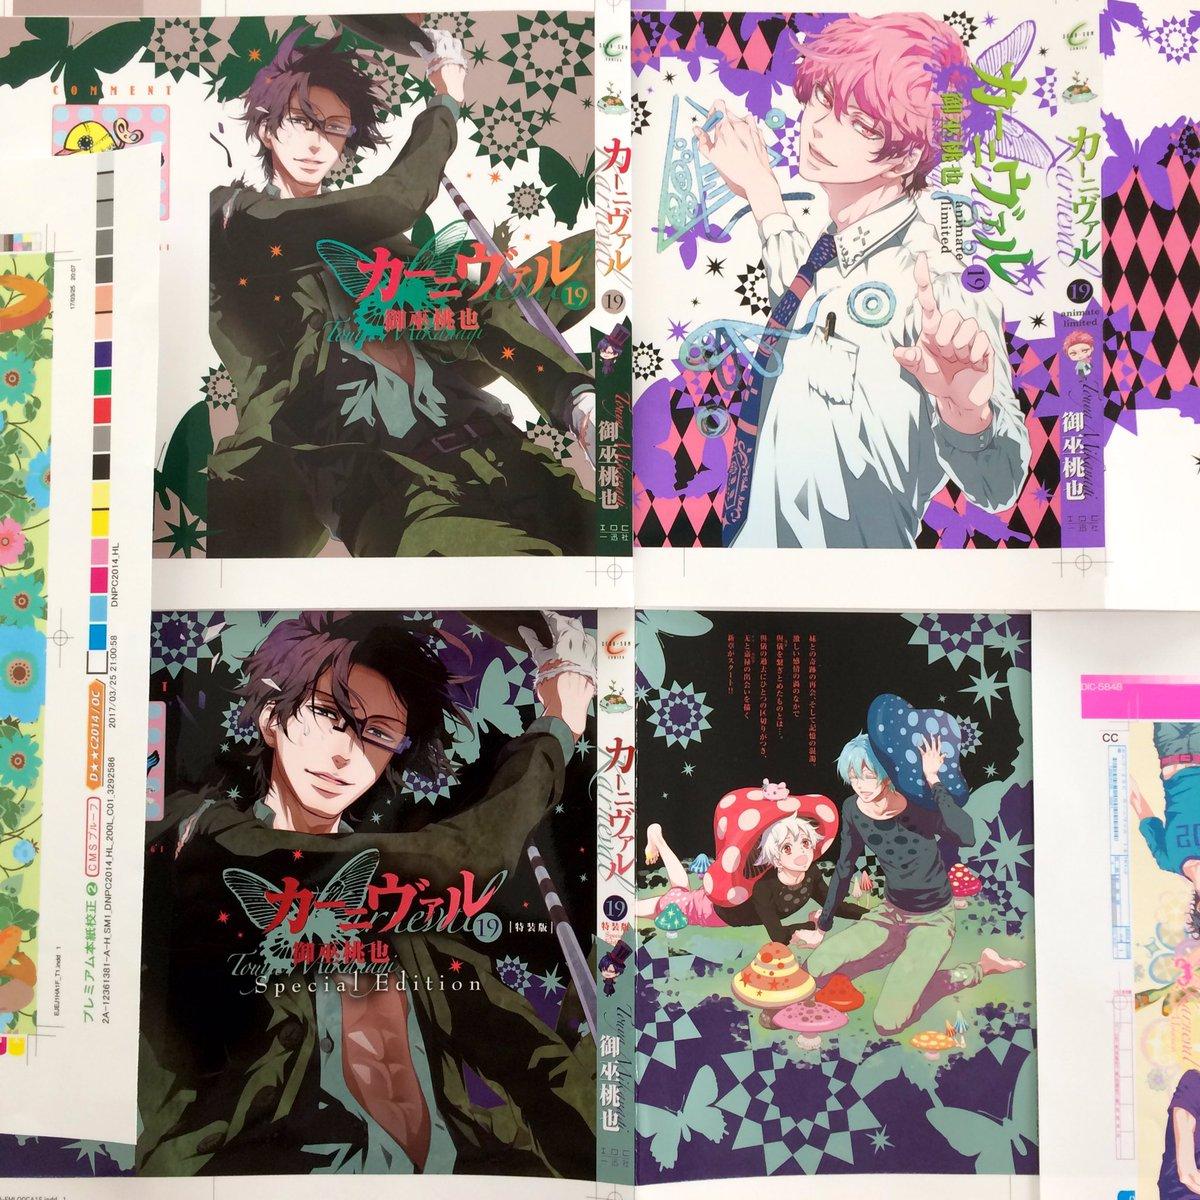 4/25に『カーニヴァル第19巻』が発売になります。写真はカバー色校。左上が通常版、右上がアニメイト限定Wカバー版、下が